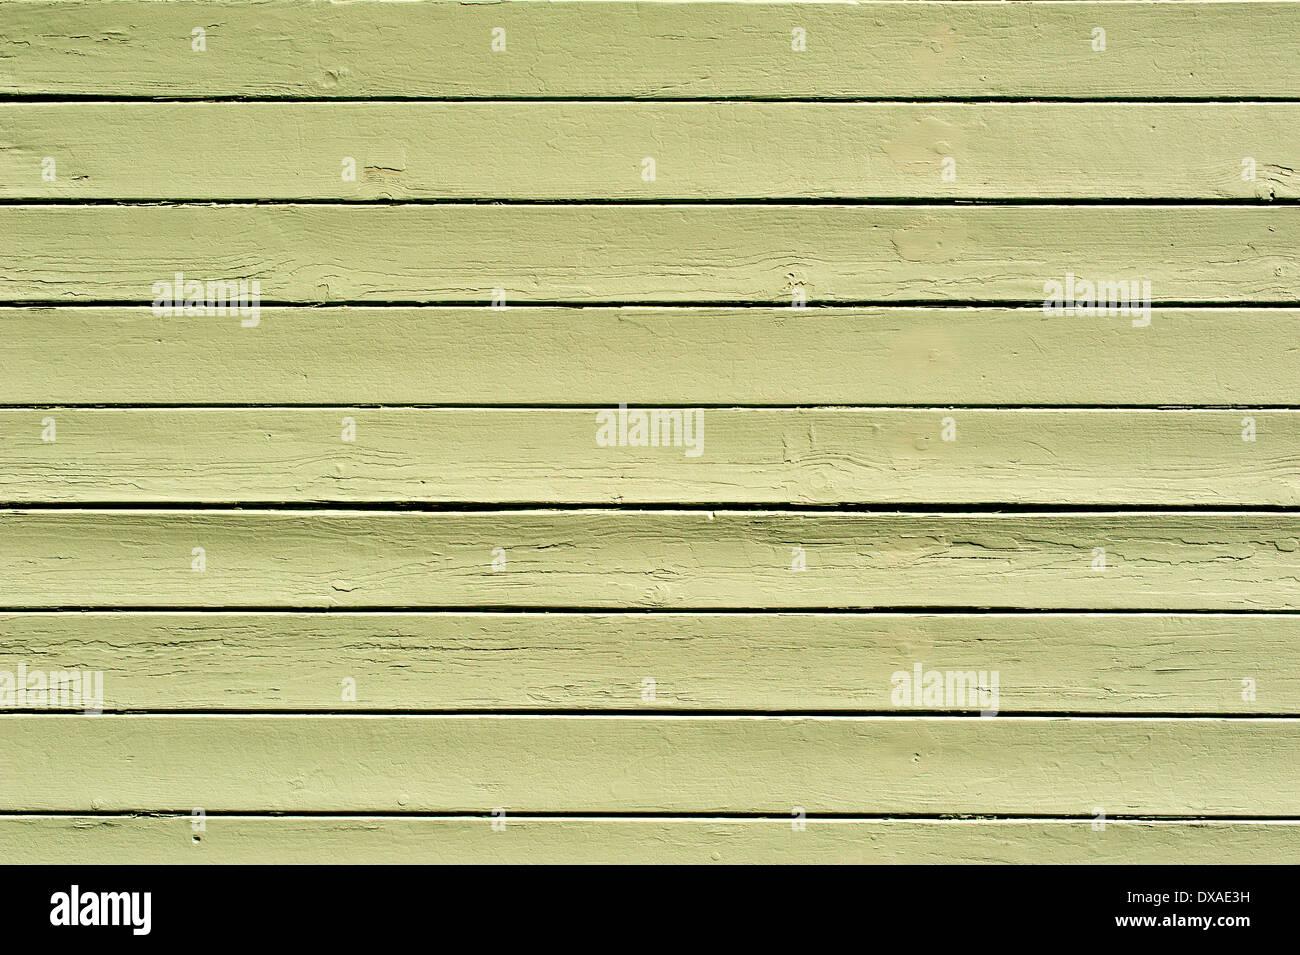 wood garage door texture. Abstract Green Colored Wooden Texture Of Garage Door - Stock Image Wood